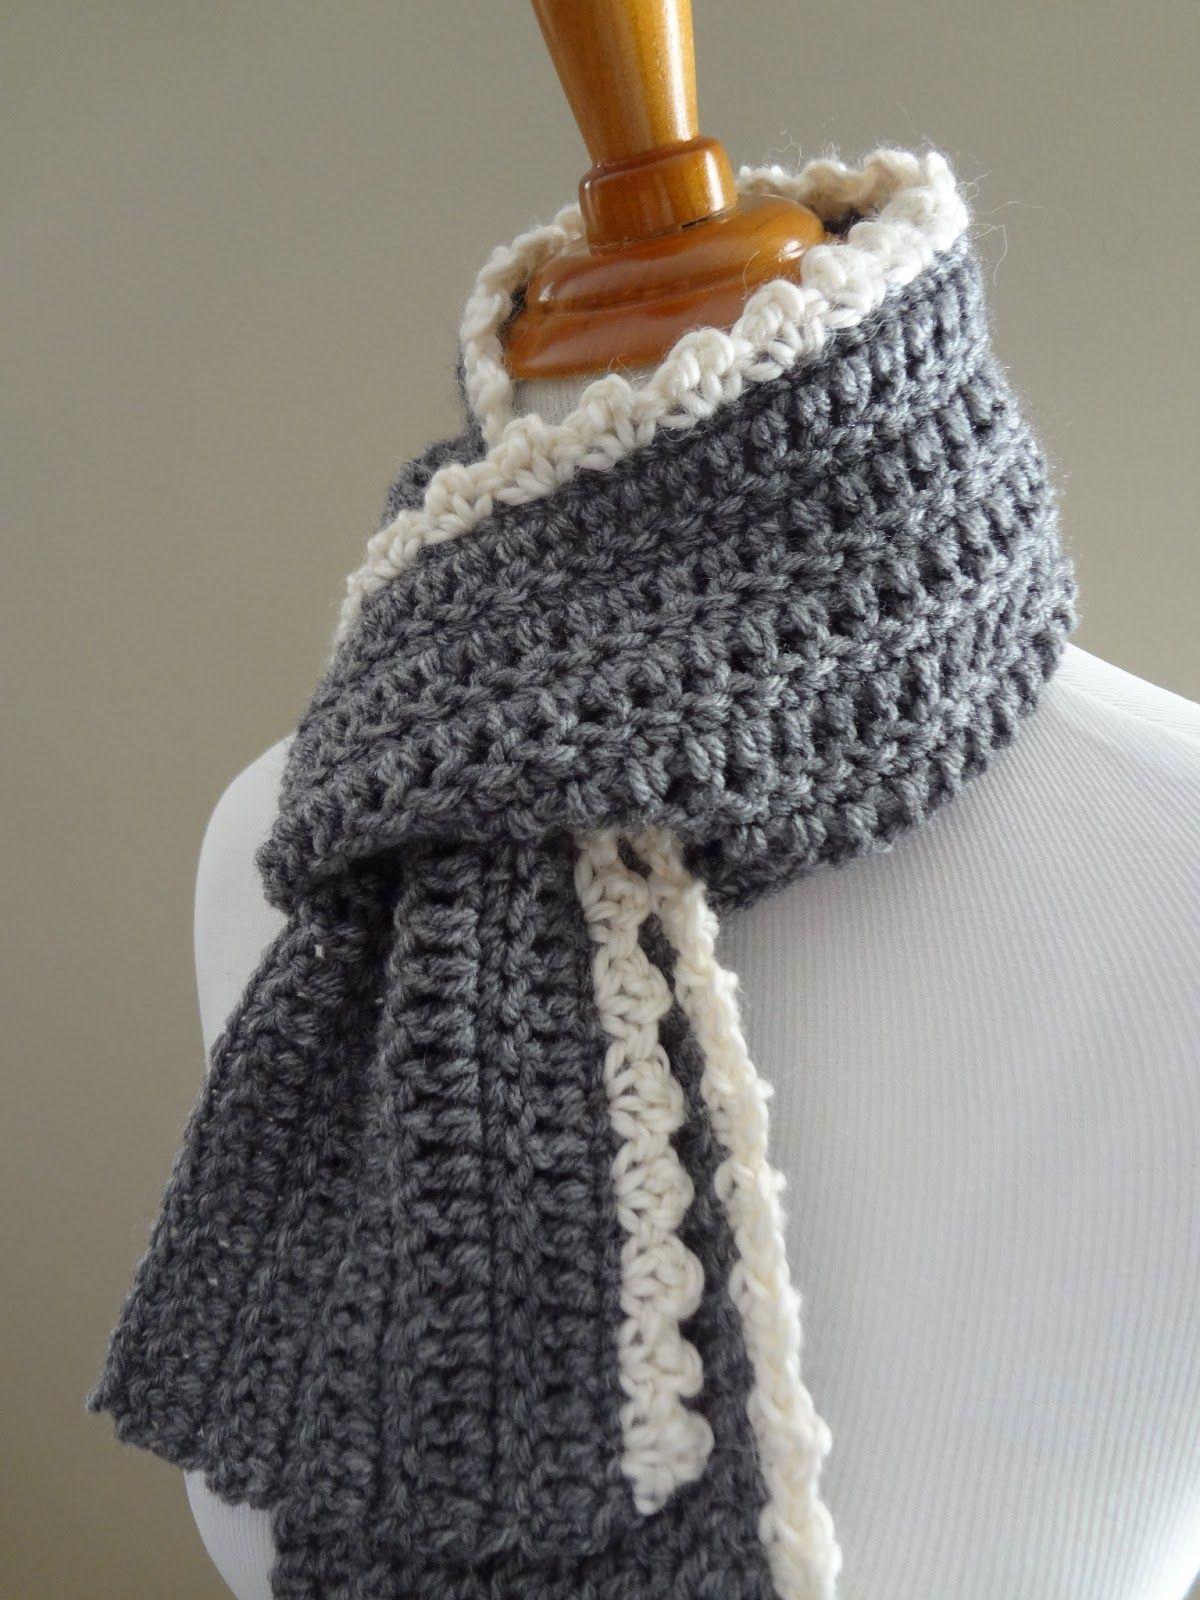 Crochet Patterns Free Free Crochet Patterningrid Scarf Crochet Pinterest Crochet